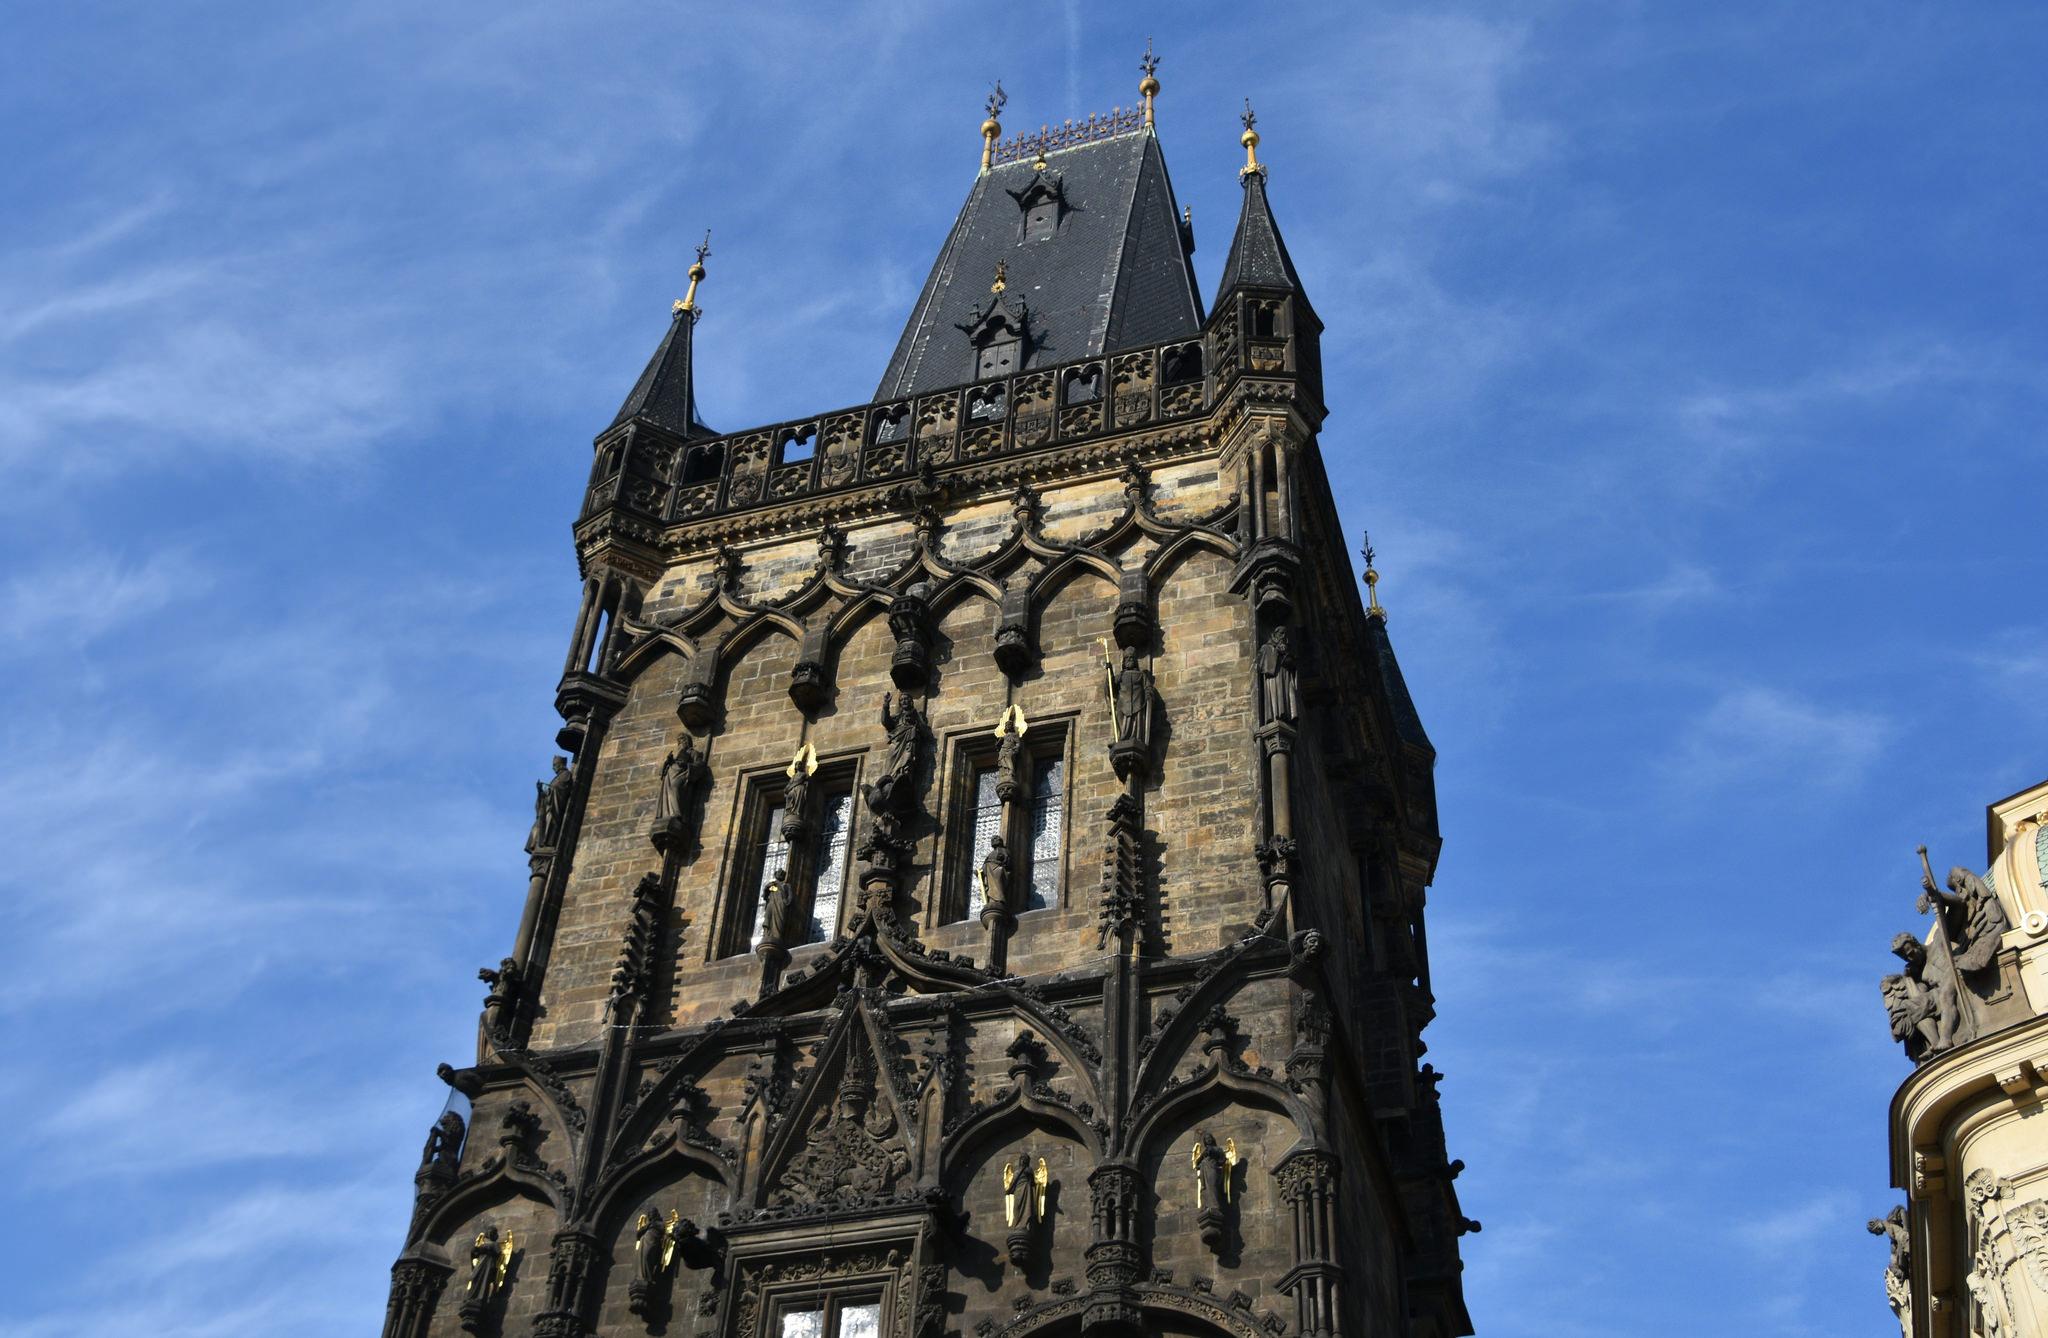 Torre de la Polvora, Praga